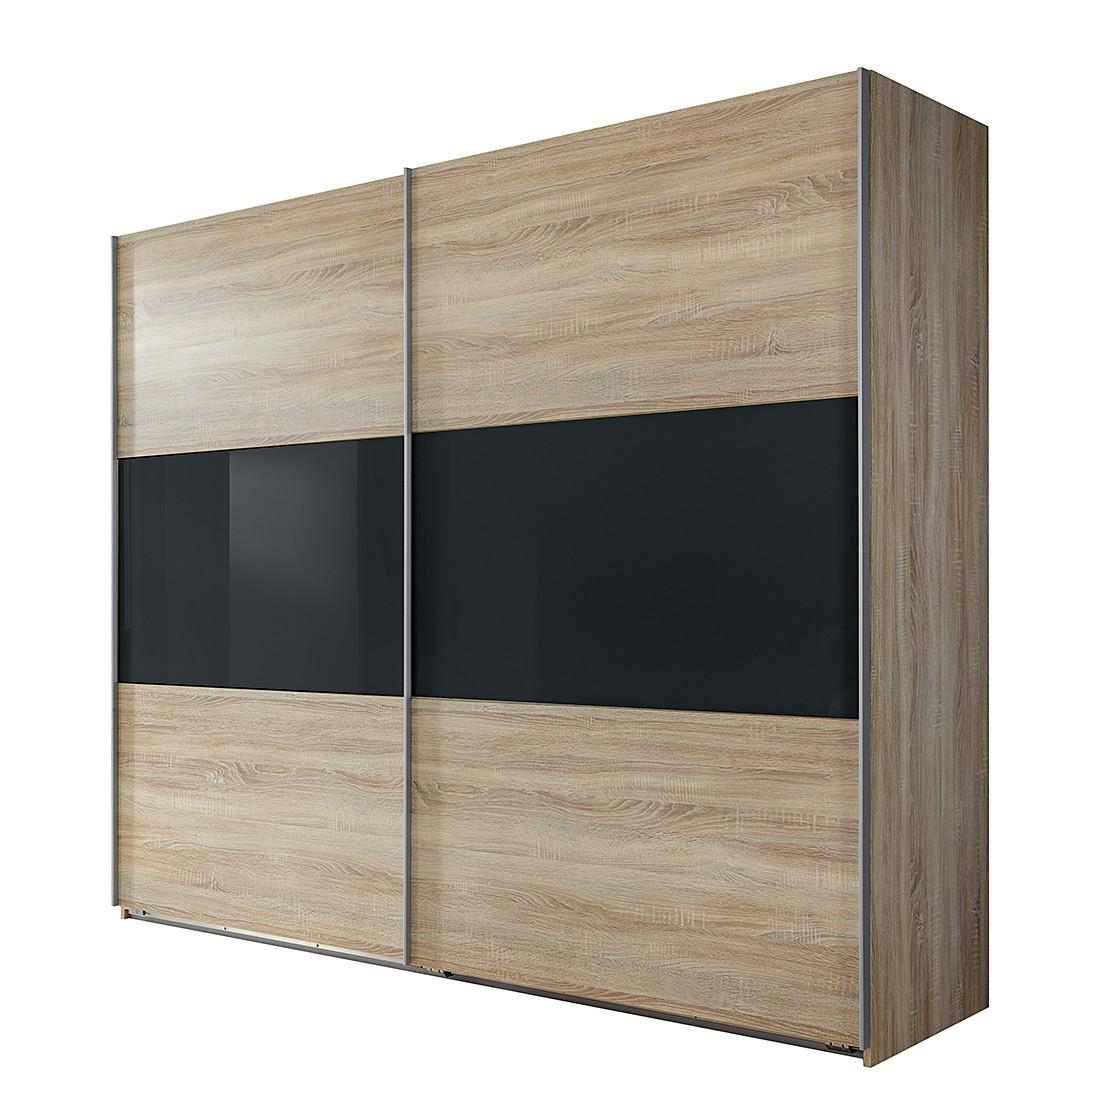 goedkoop Schuifdeurkast Medley grof gezaagde eikenhout look donkergrijs BxH 270x210cm 2 deurs Wimex